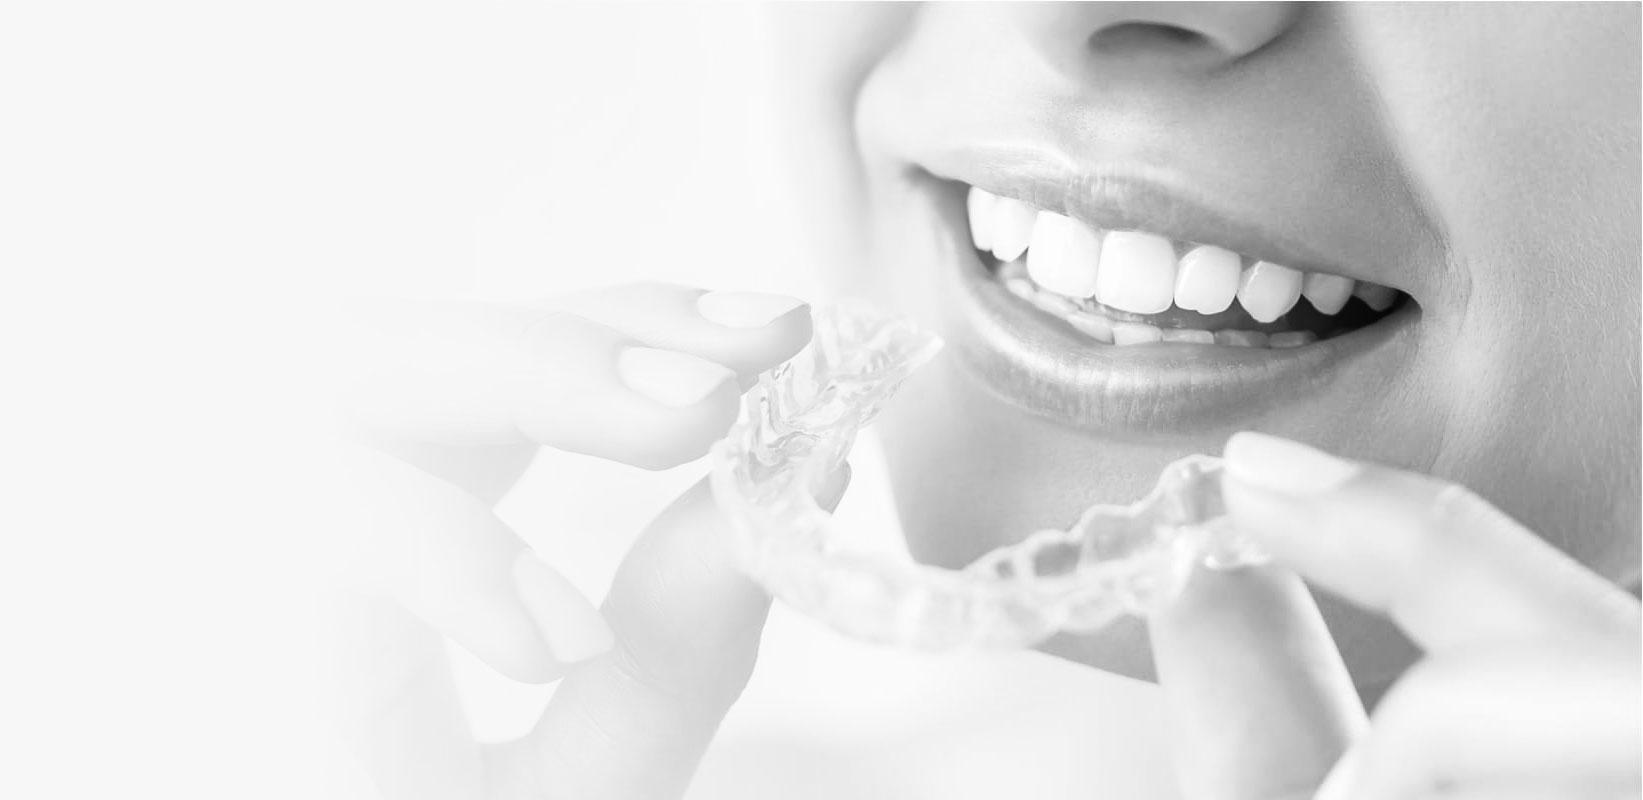 clinica de ortodoncia invisalign en madrid